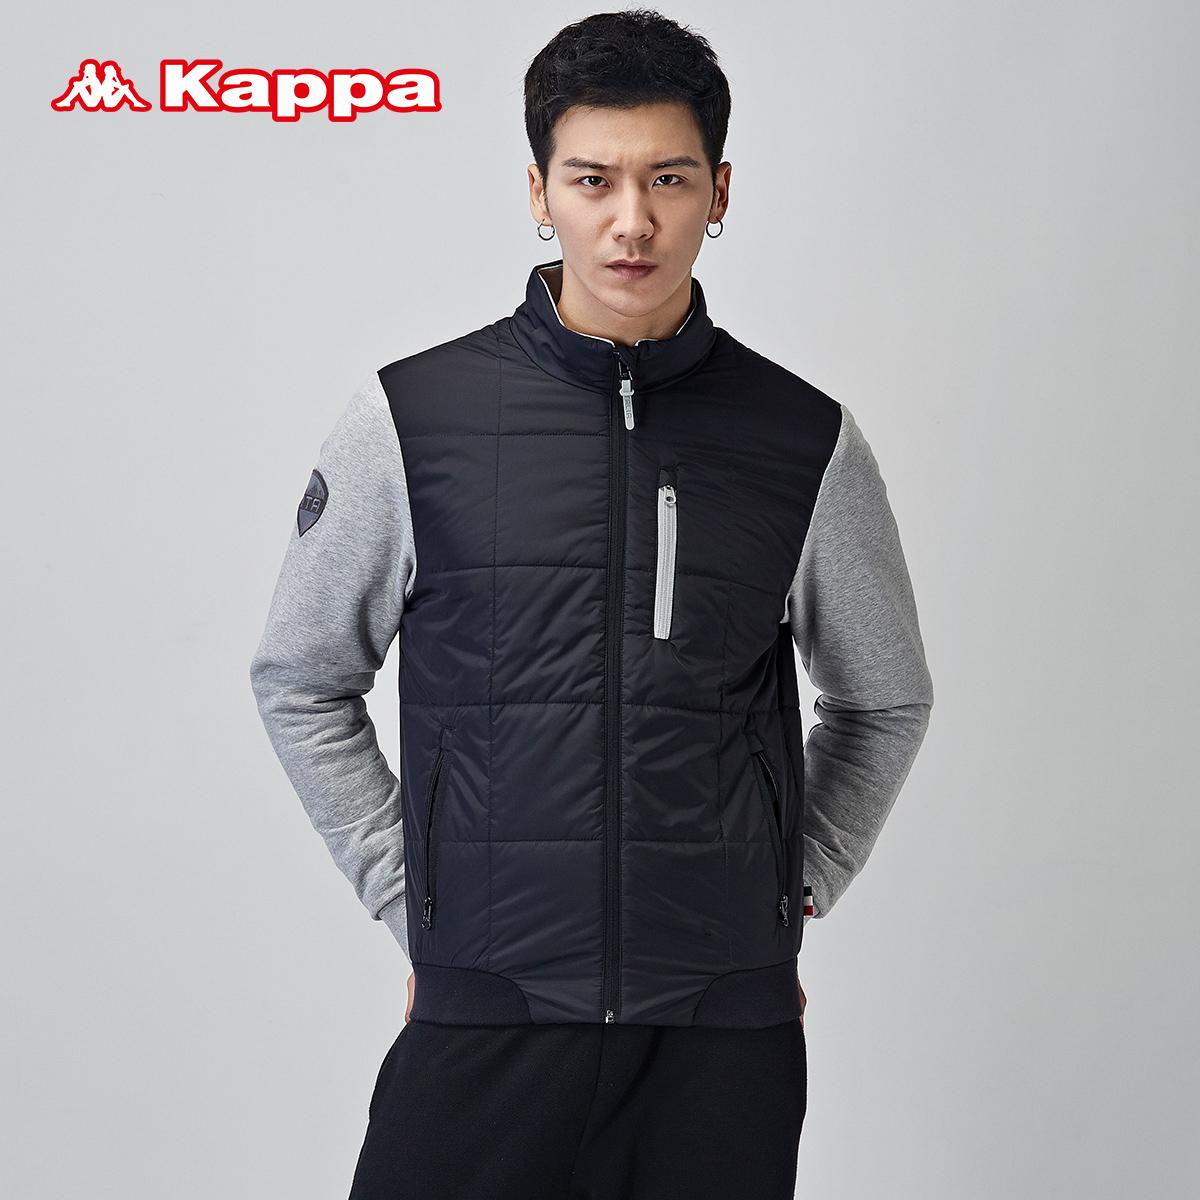 掌櫃推薦KAPPA男士休閒運動服棉服男士貼身保暖外套K0452MM10